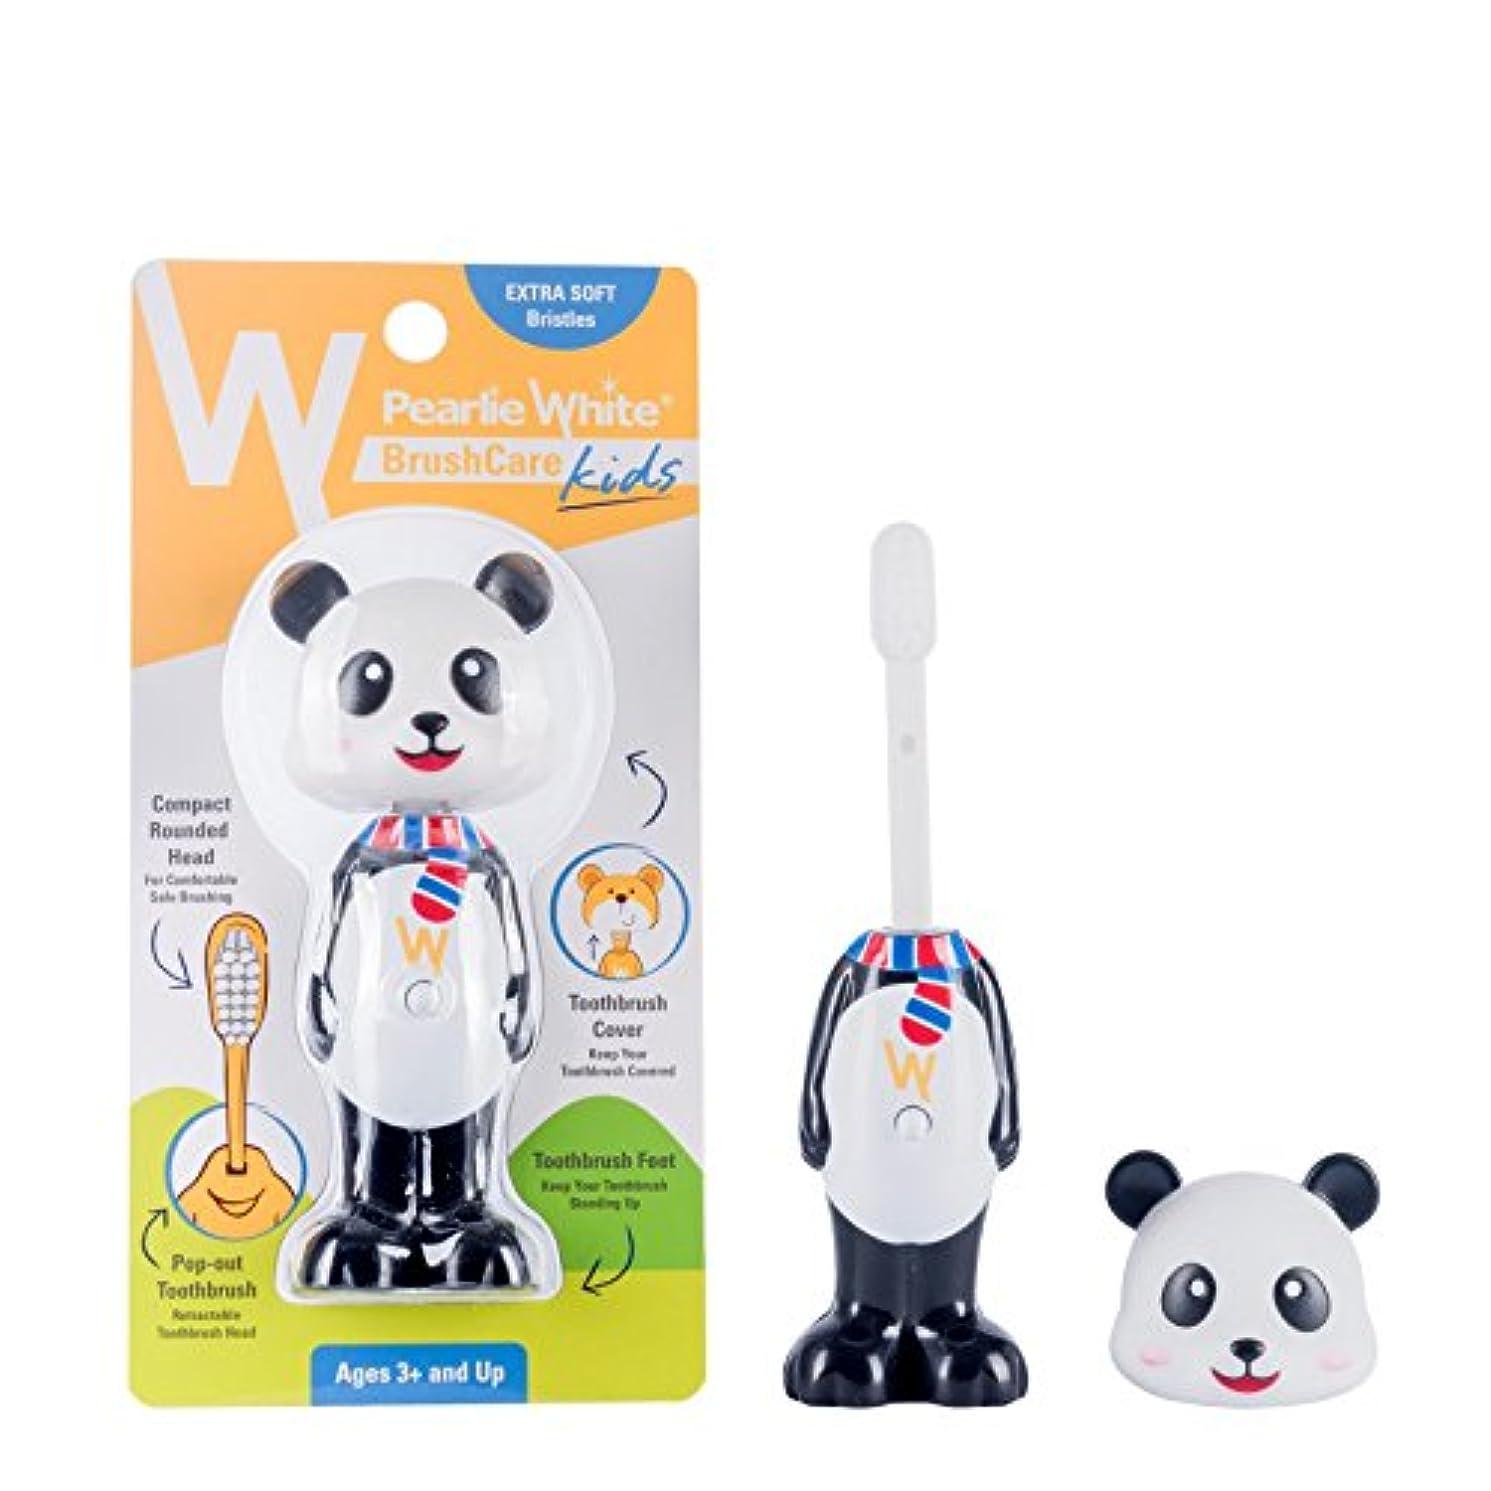 風が強い可愛いスキャンPearlie White(パーリーホワイト) ブラシケア キッズ PANDA(パンダ) (1本)